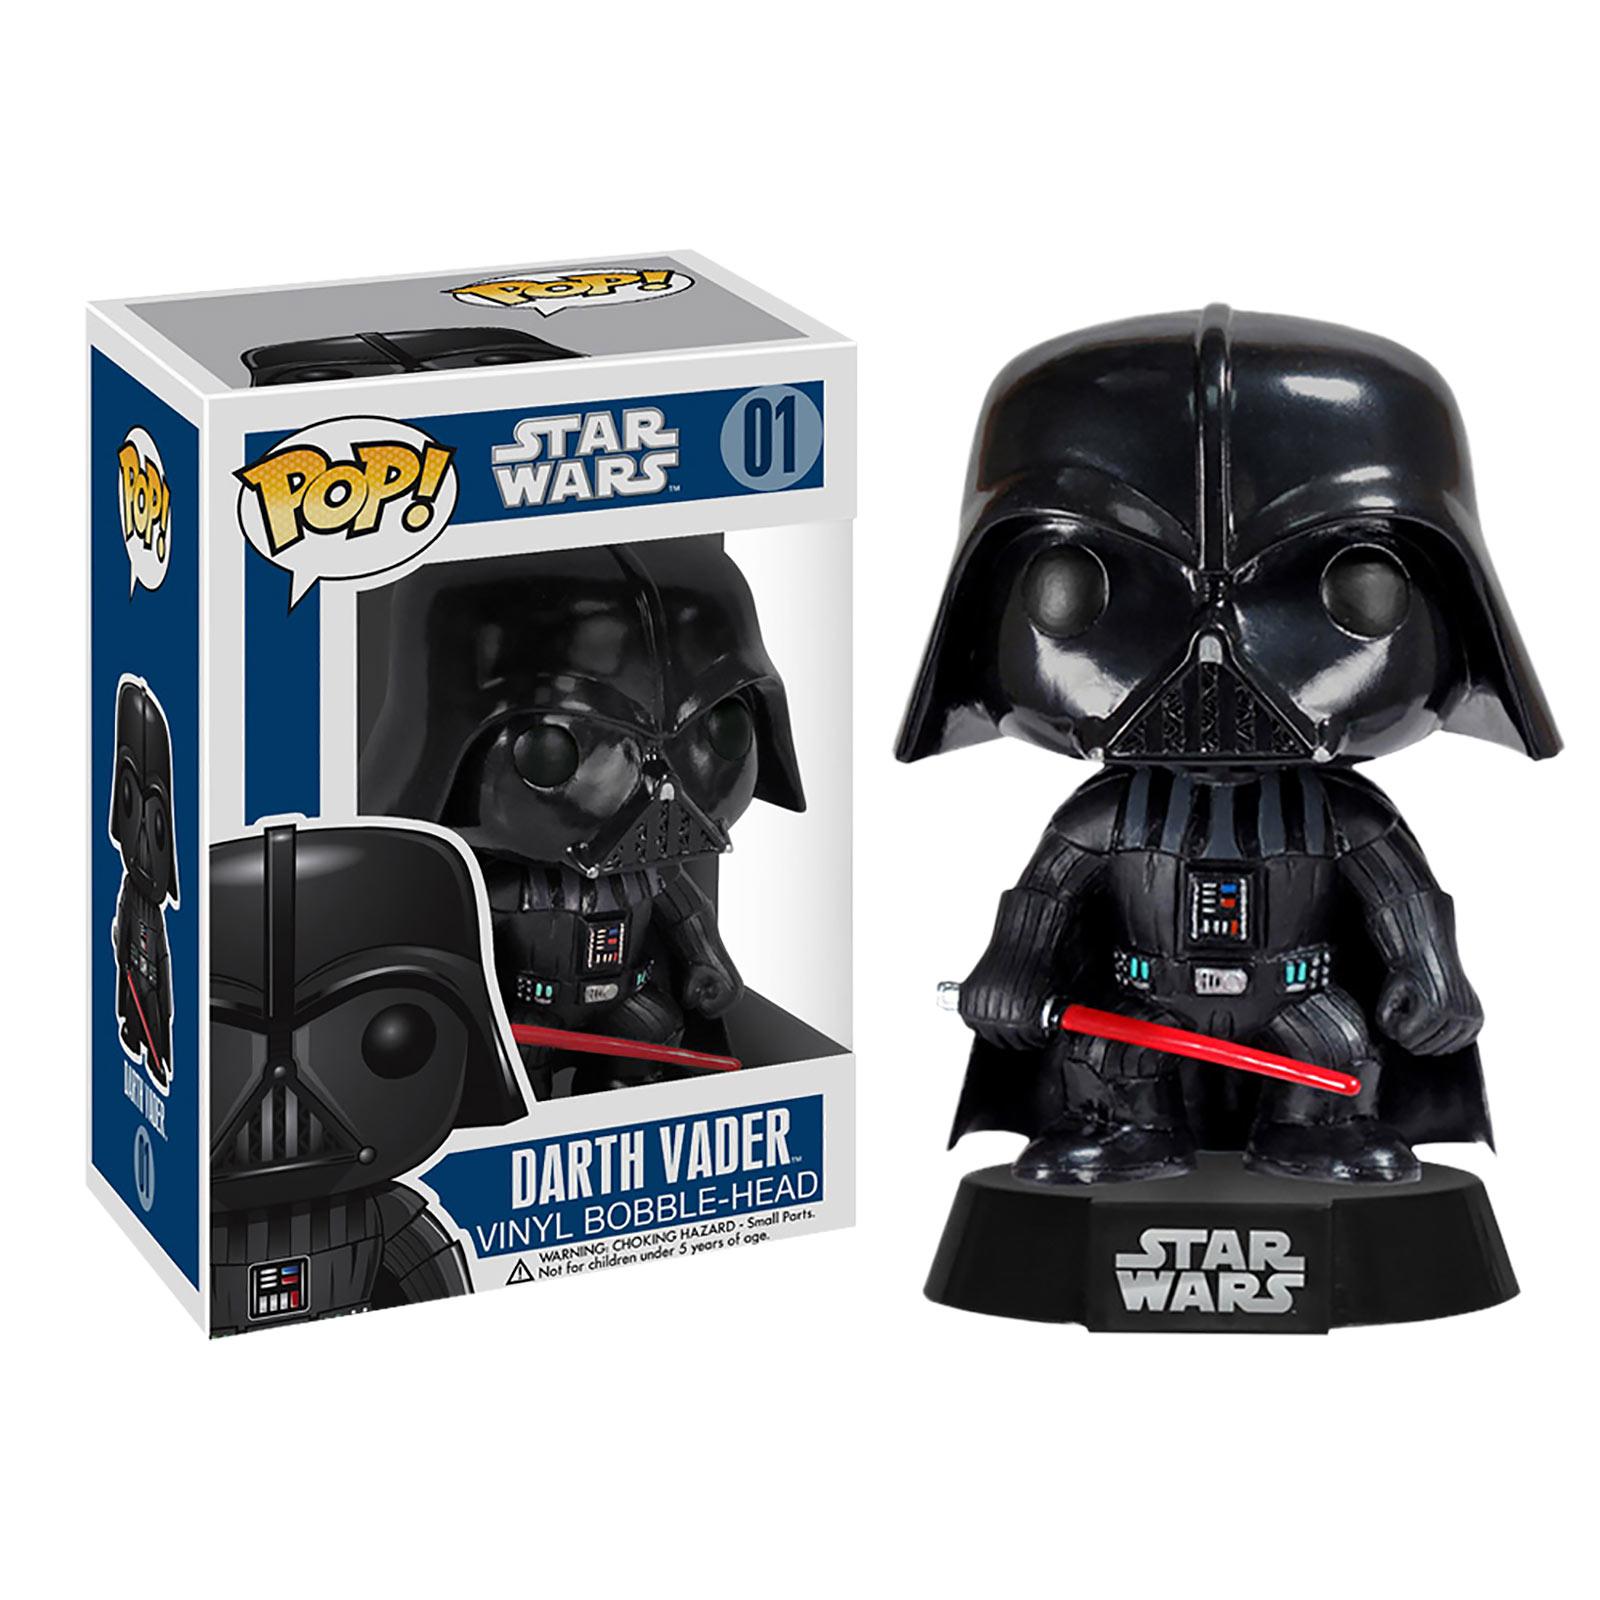 Star Wars - Darth Vader Wackelkopf Figur 10 cm